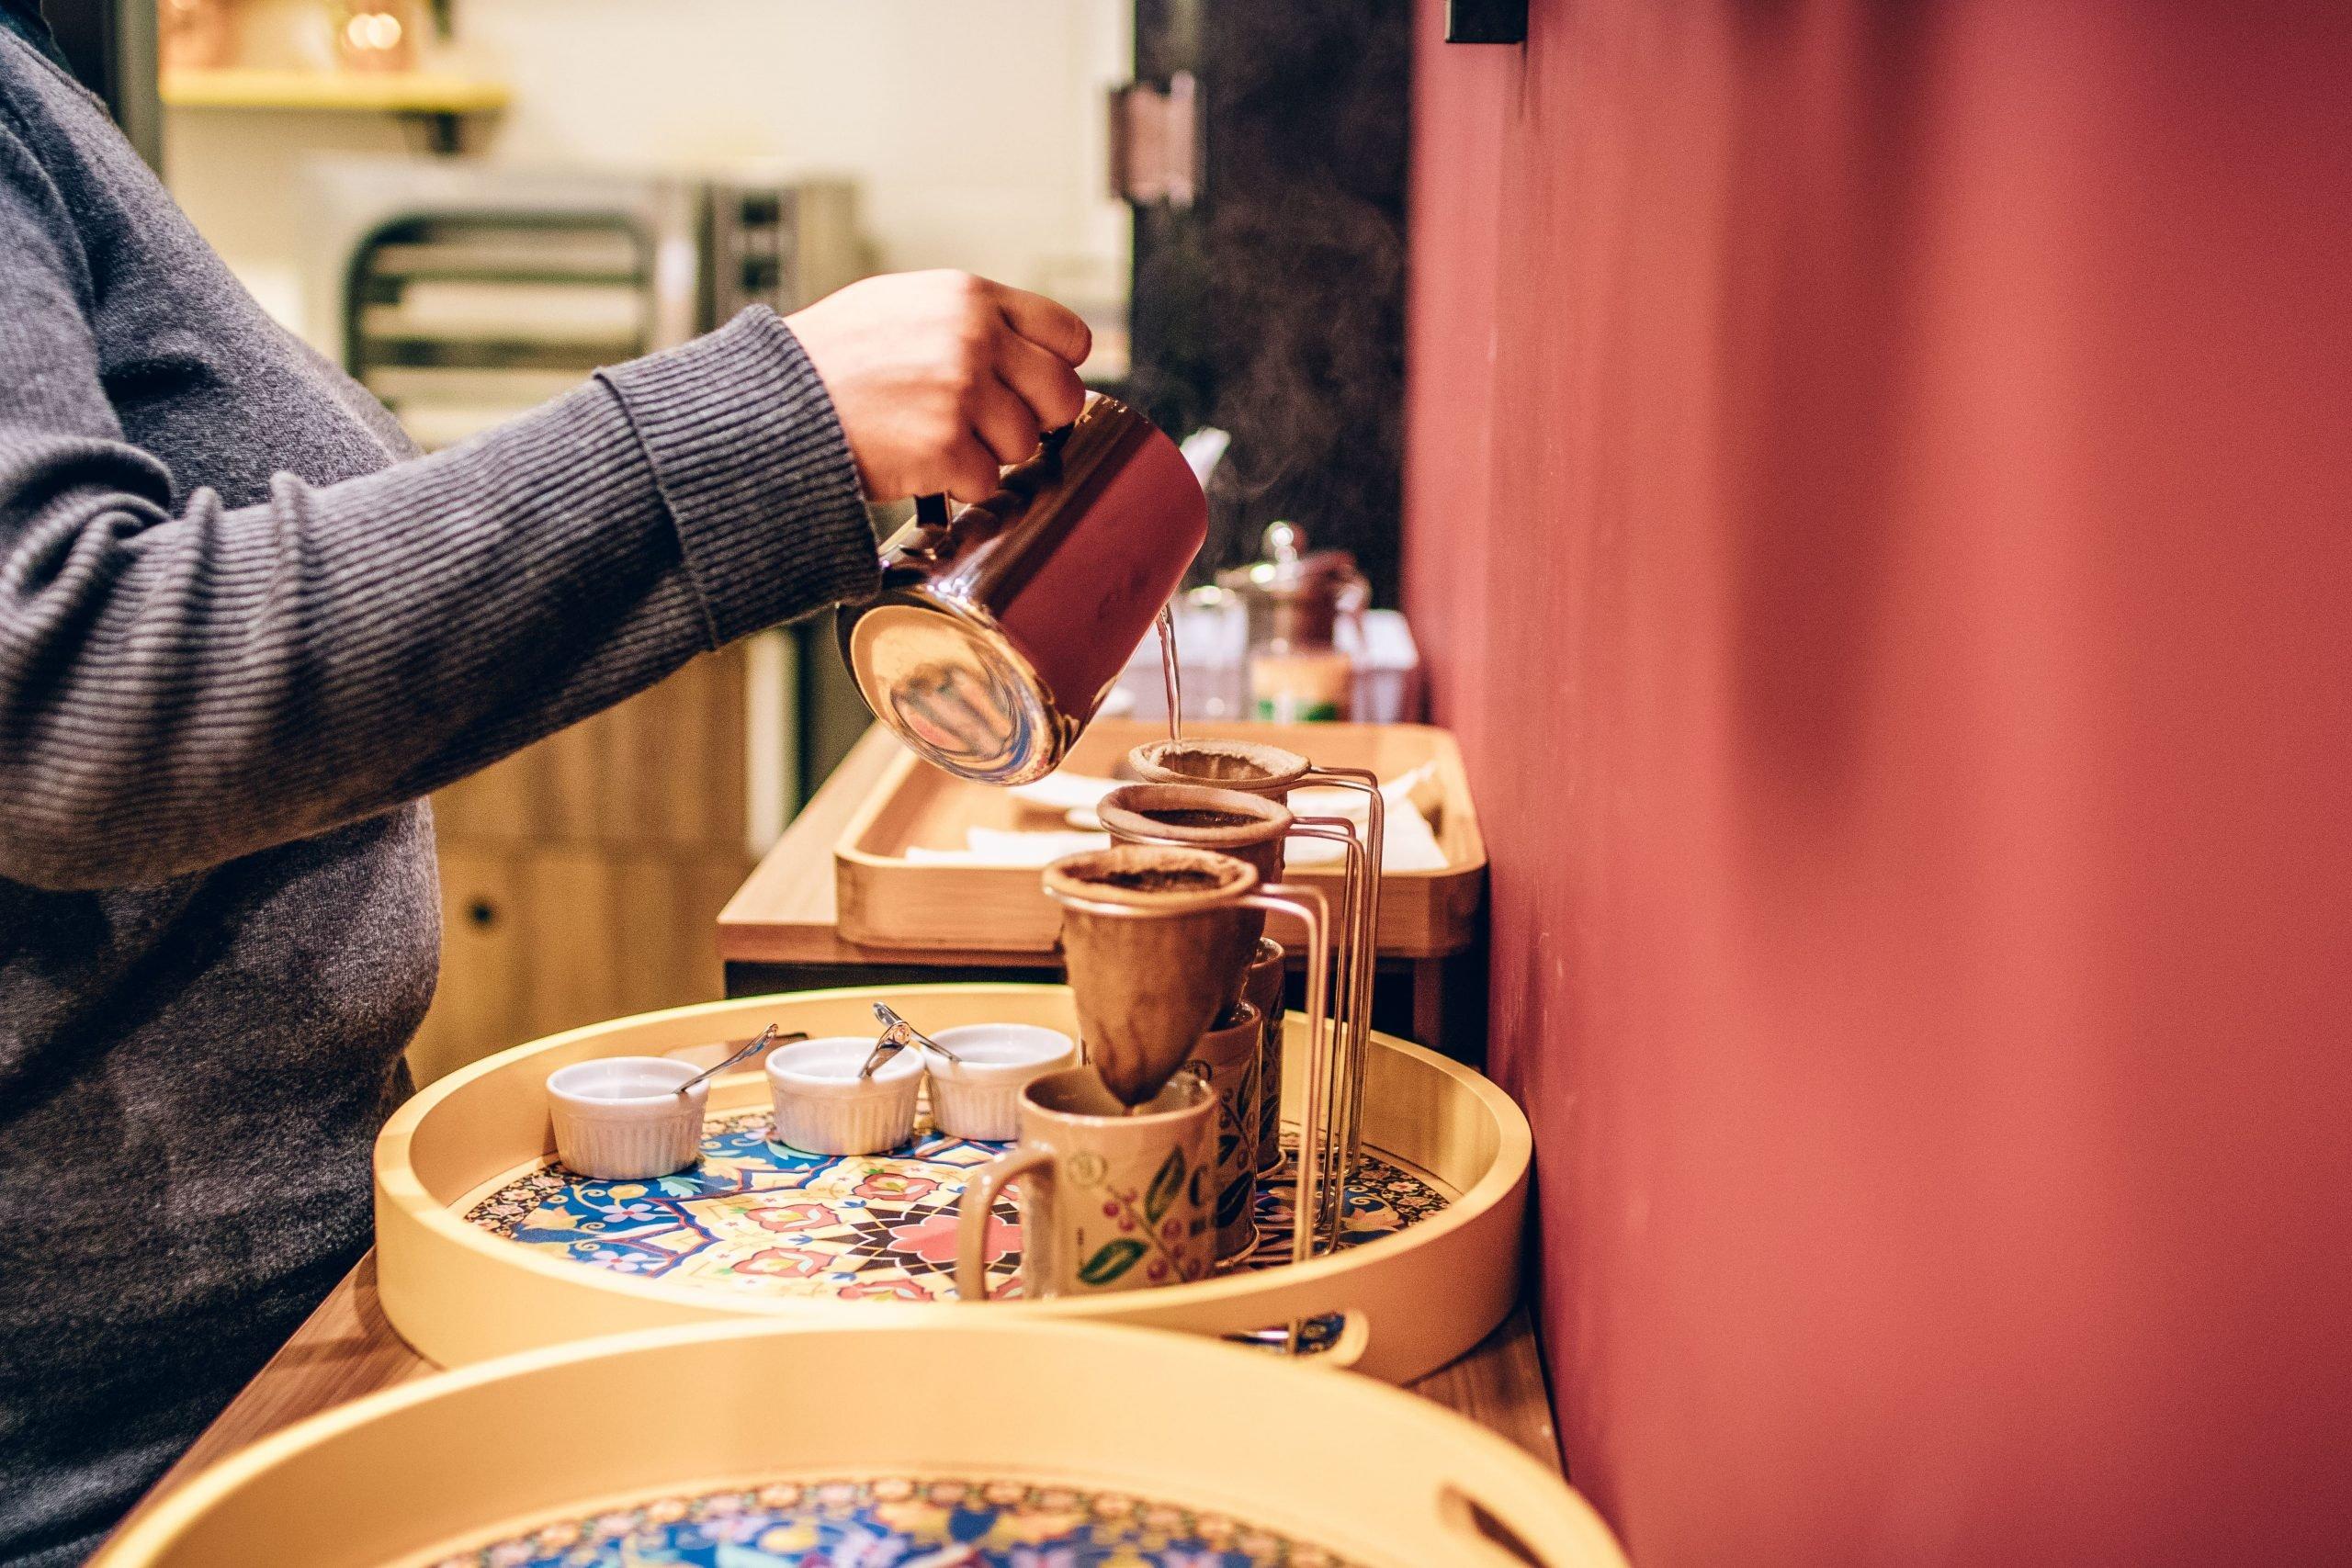 Pessoa pegando água quente para fazer café de qualidade.